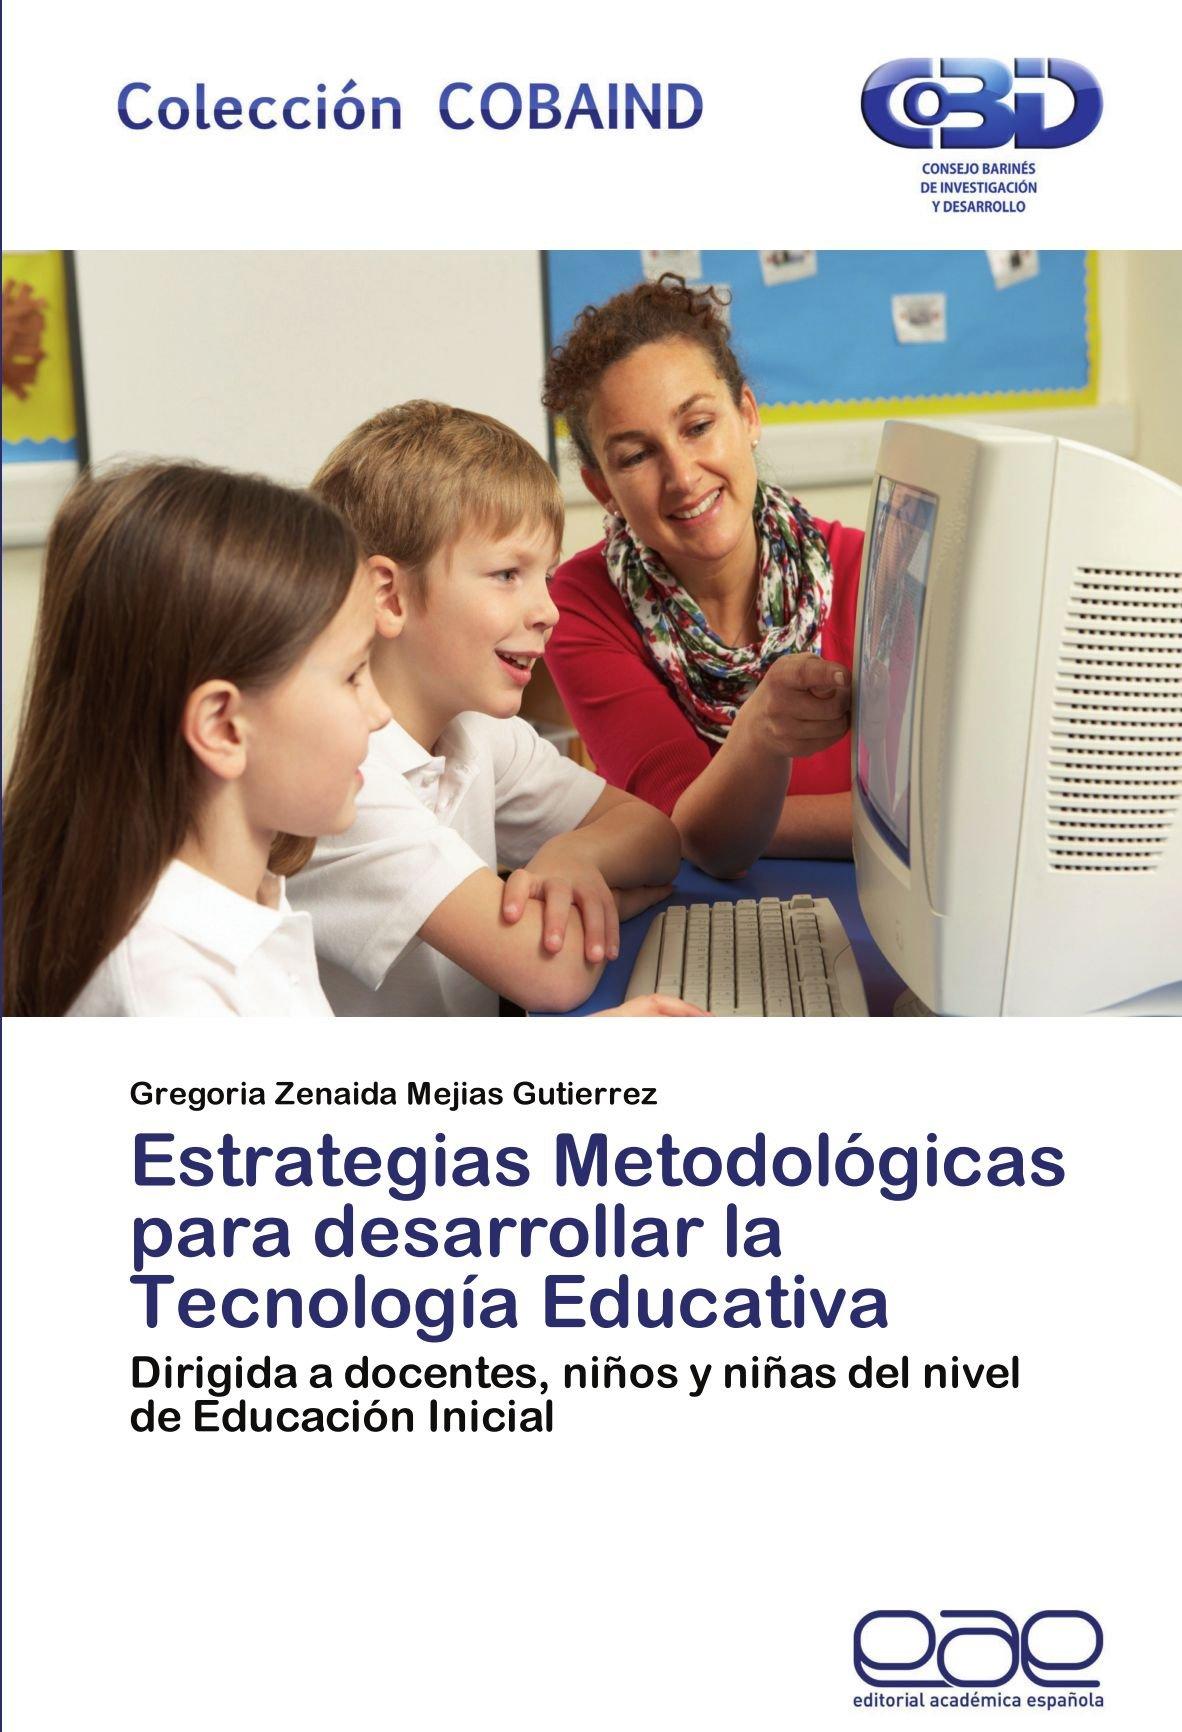 Download Estrategias Metodológicas para desarrollar la Tecnología Educativa: Dirigida a docentes, niños y niñas del nivel de Educación Inicial (Spanish Edition) PDF